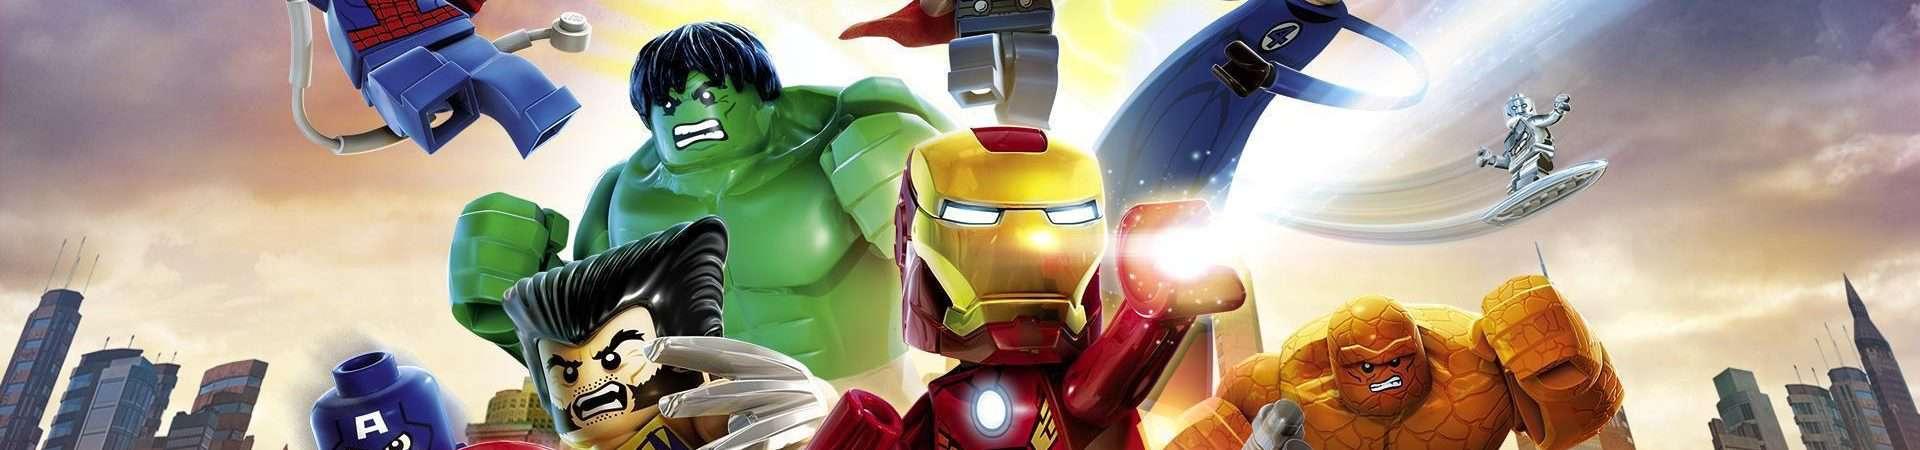 Imagem promocional exibe heróis da Marvel reunidos em sua versão Lego.